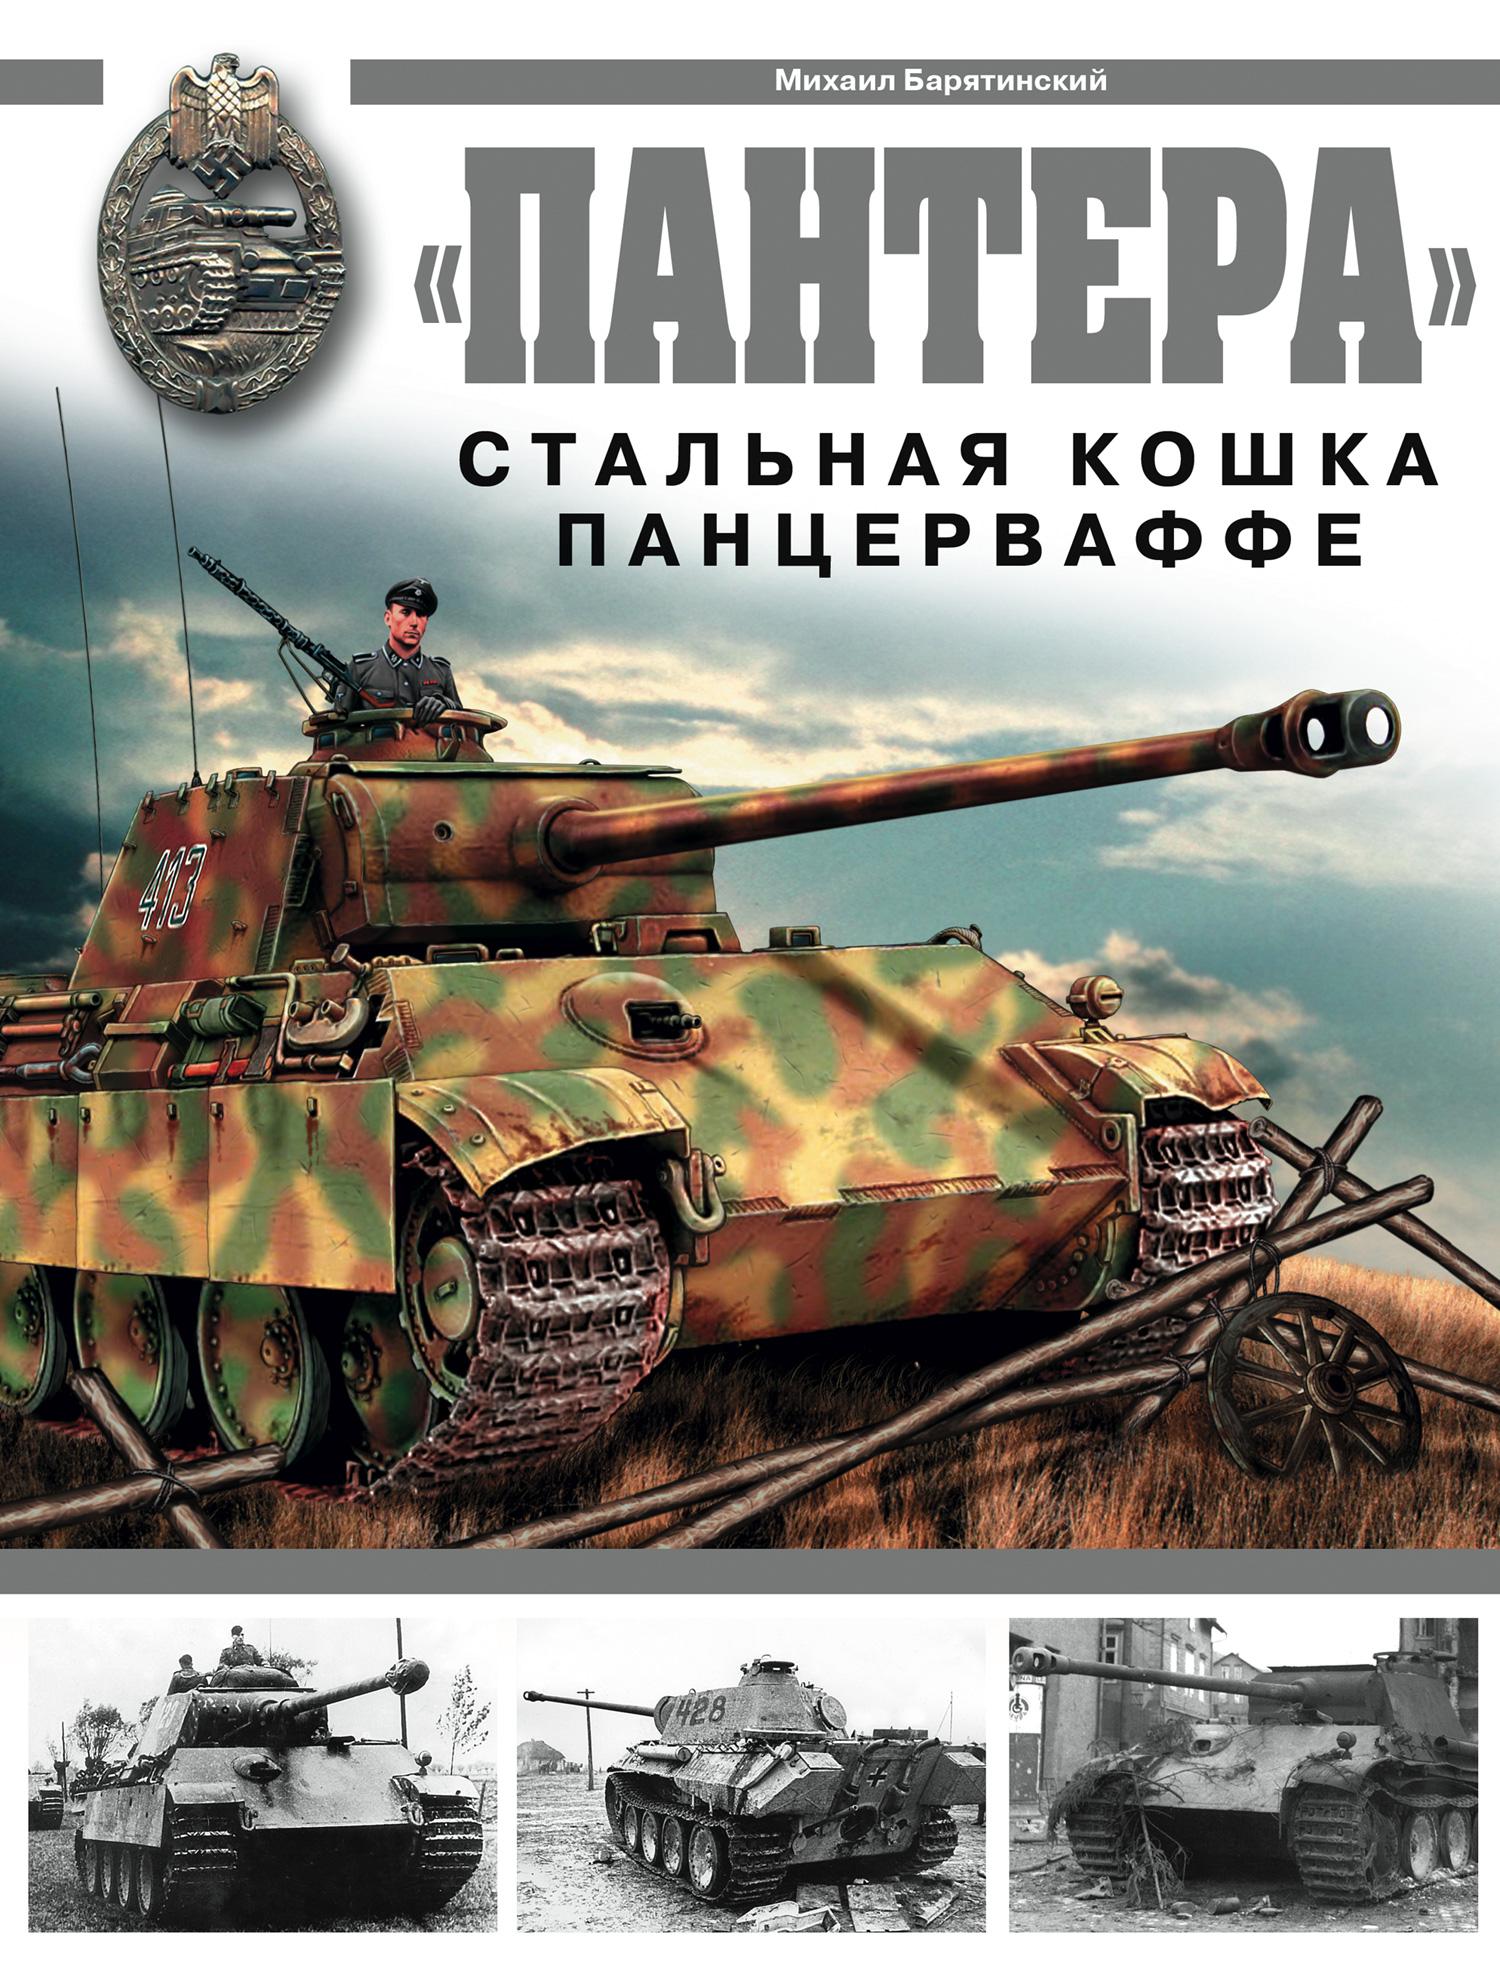 Михаил Барятинский «Пантера». Стальная кошка Панцерваффе цена